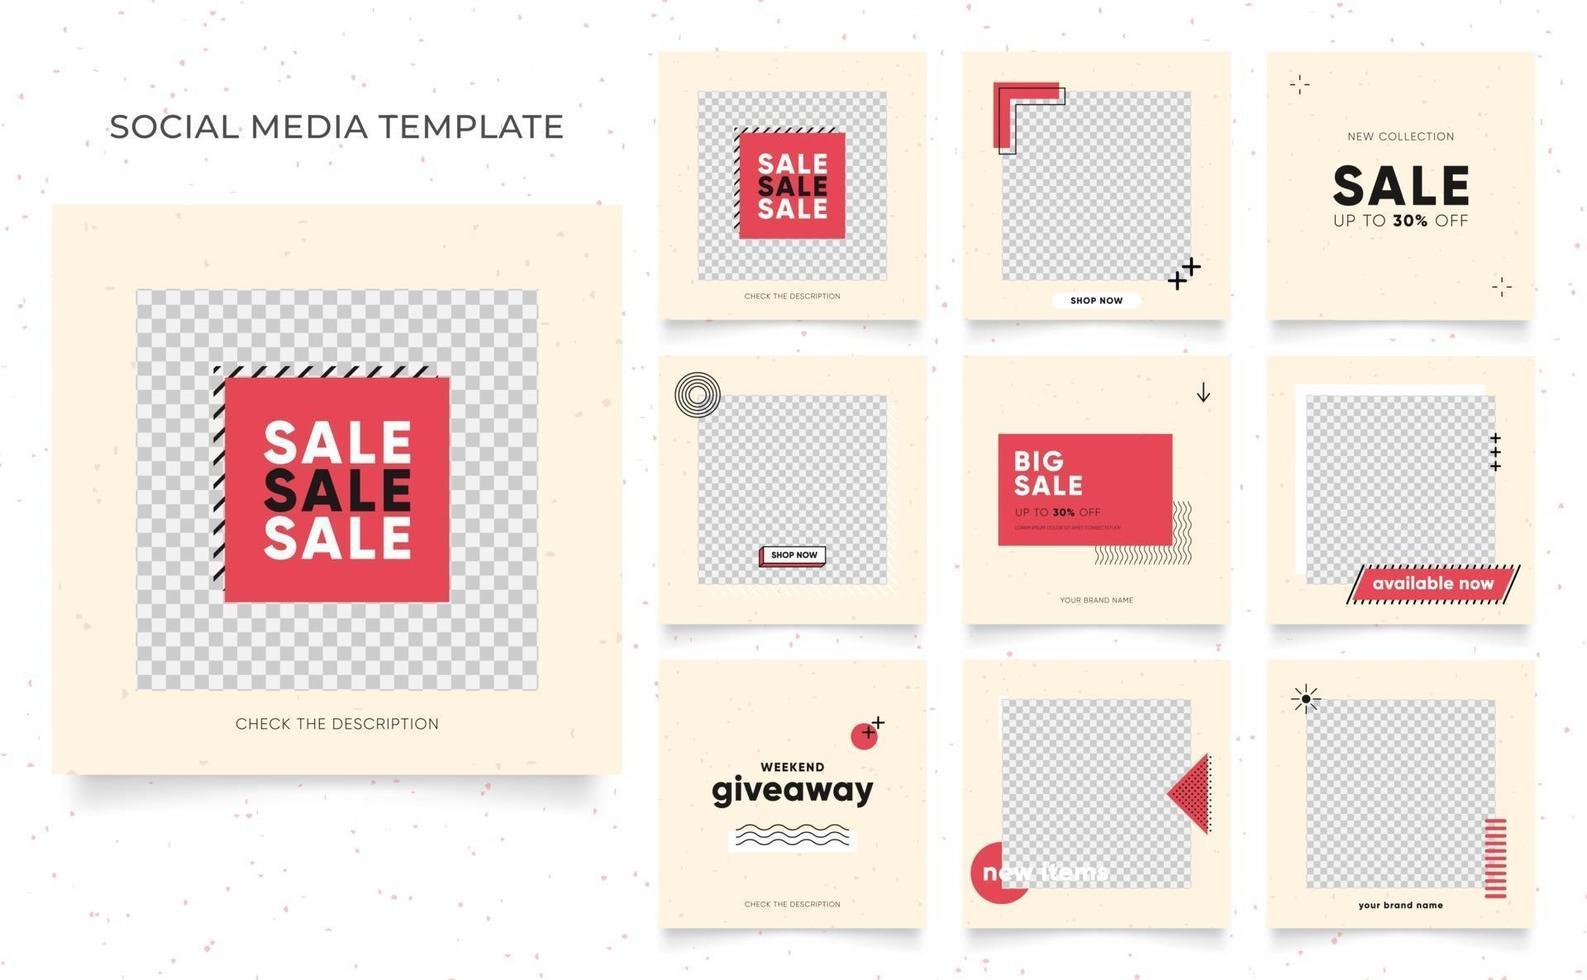 promozione di vendita di moda di blog di banner modello di social media. poster di vendita organica di puzzle con cornice quadrata completamente modificabile. sfondo vettoriale di forma elemento rosso fresco